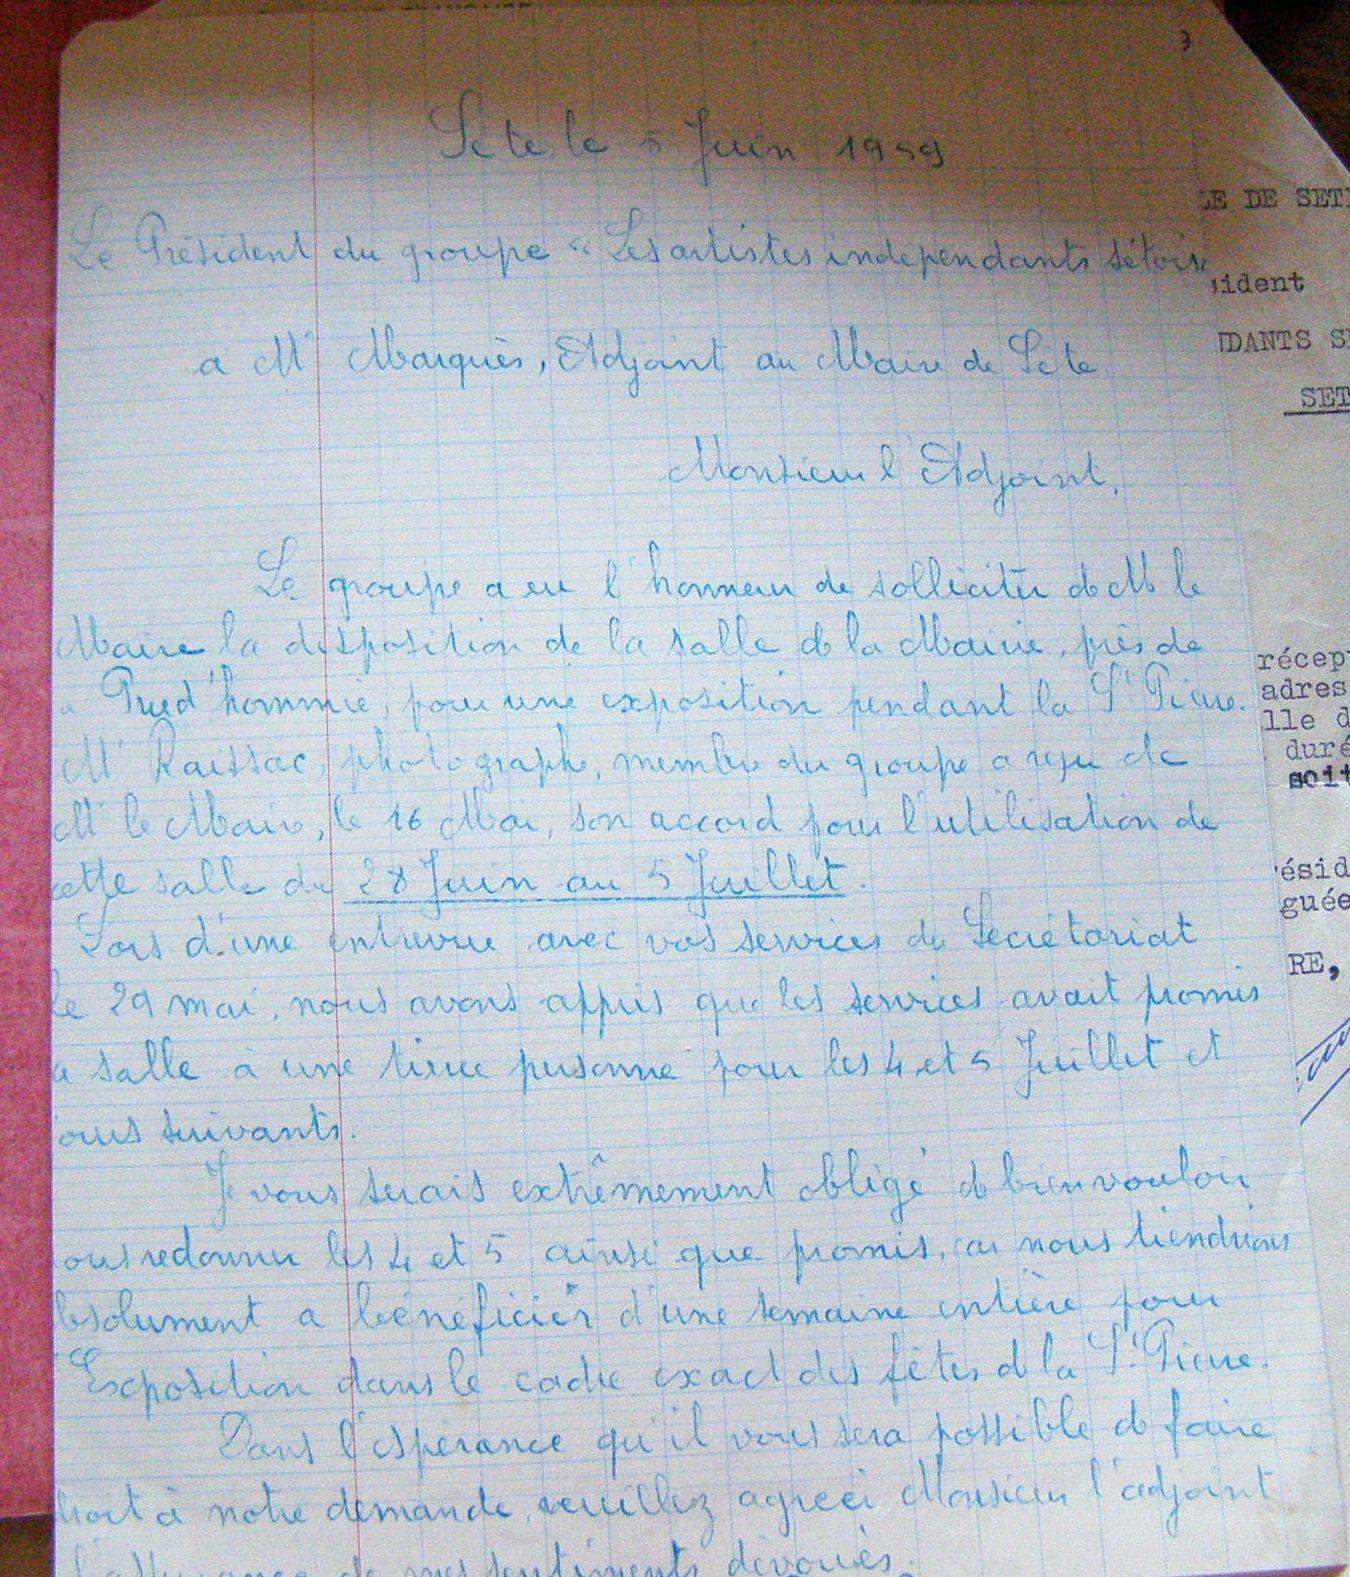 1959 M Marques.jpg